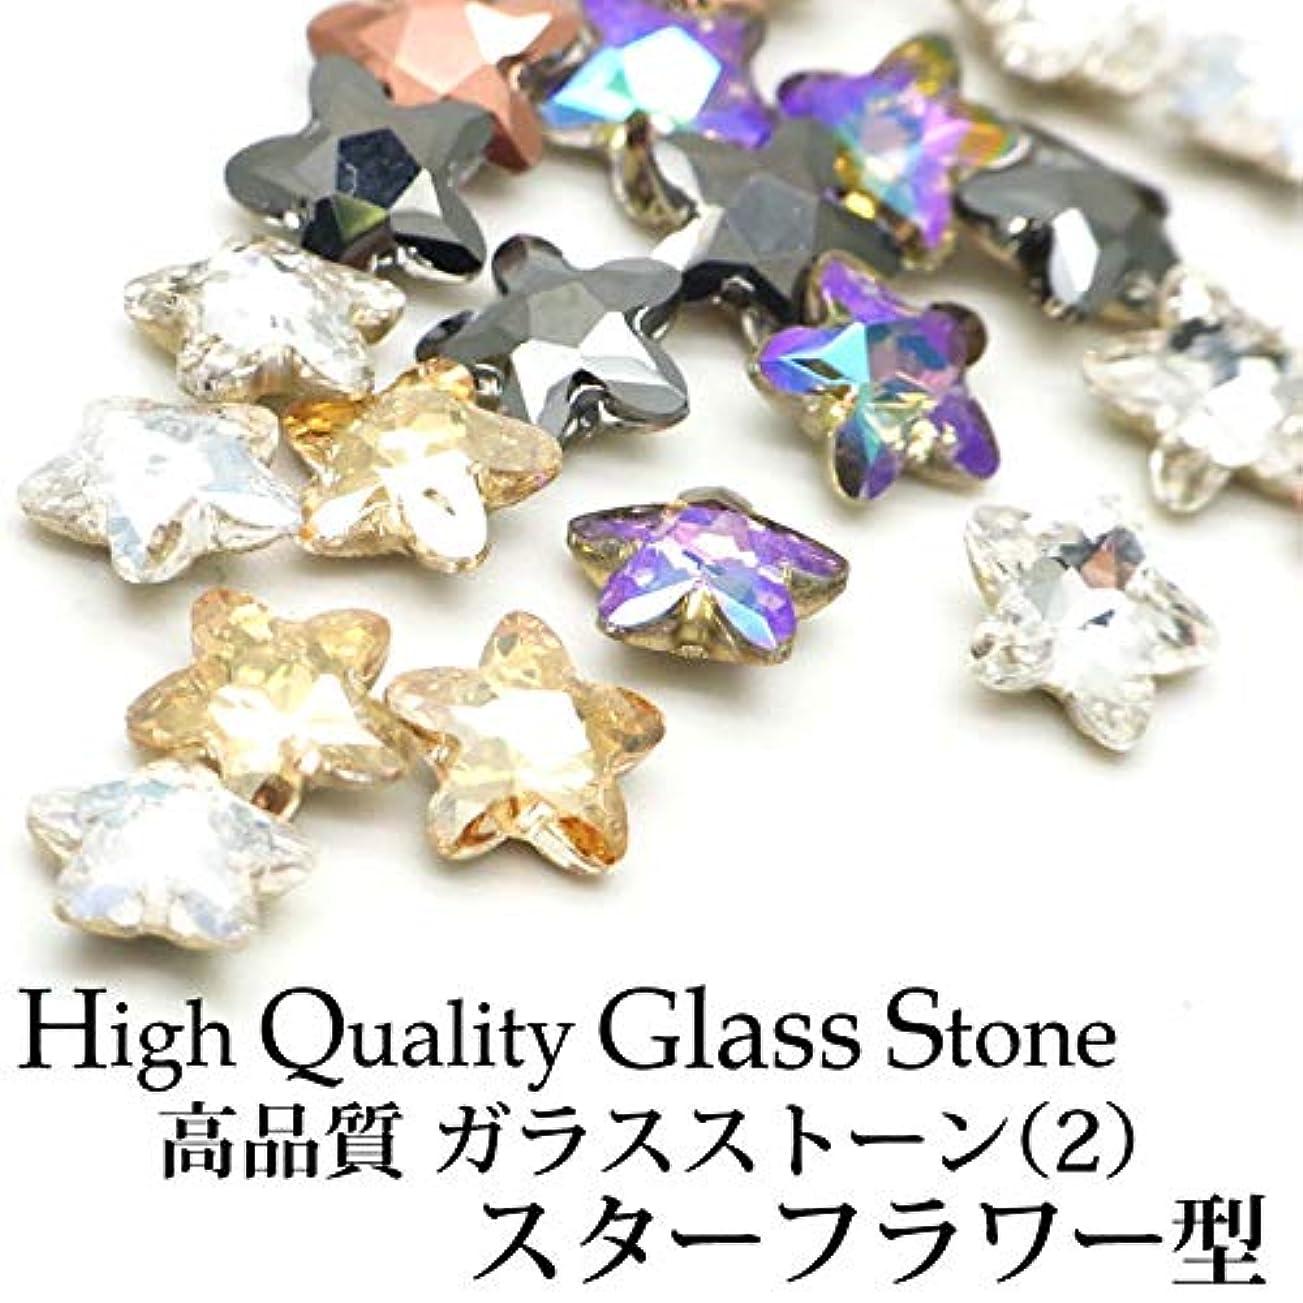 どんなときも絶妙信条高品質 ガラスストーン (2) スターフラワー型 各種 3個入り (2-3.クリスタルオーロラシャイン)